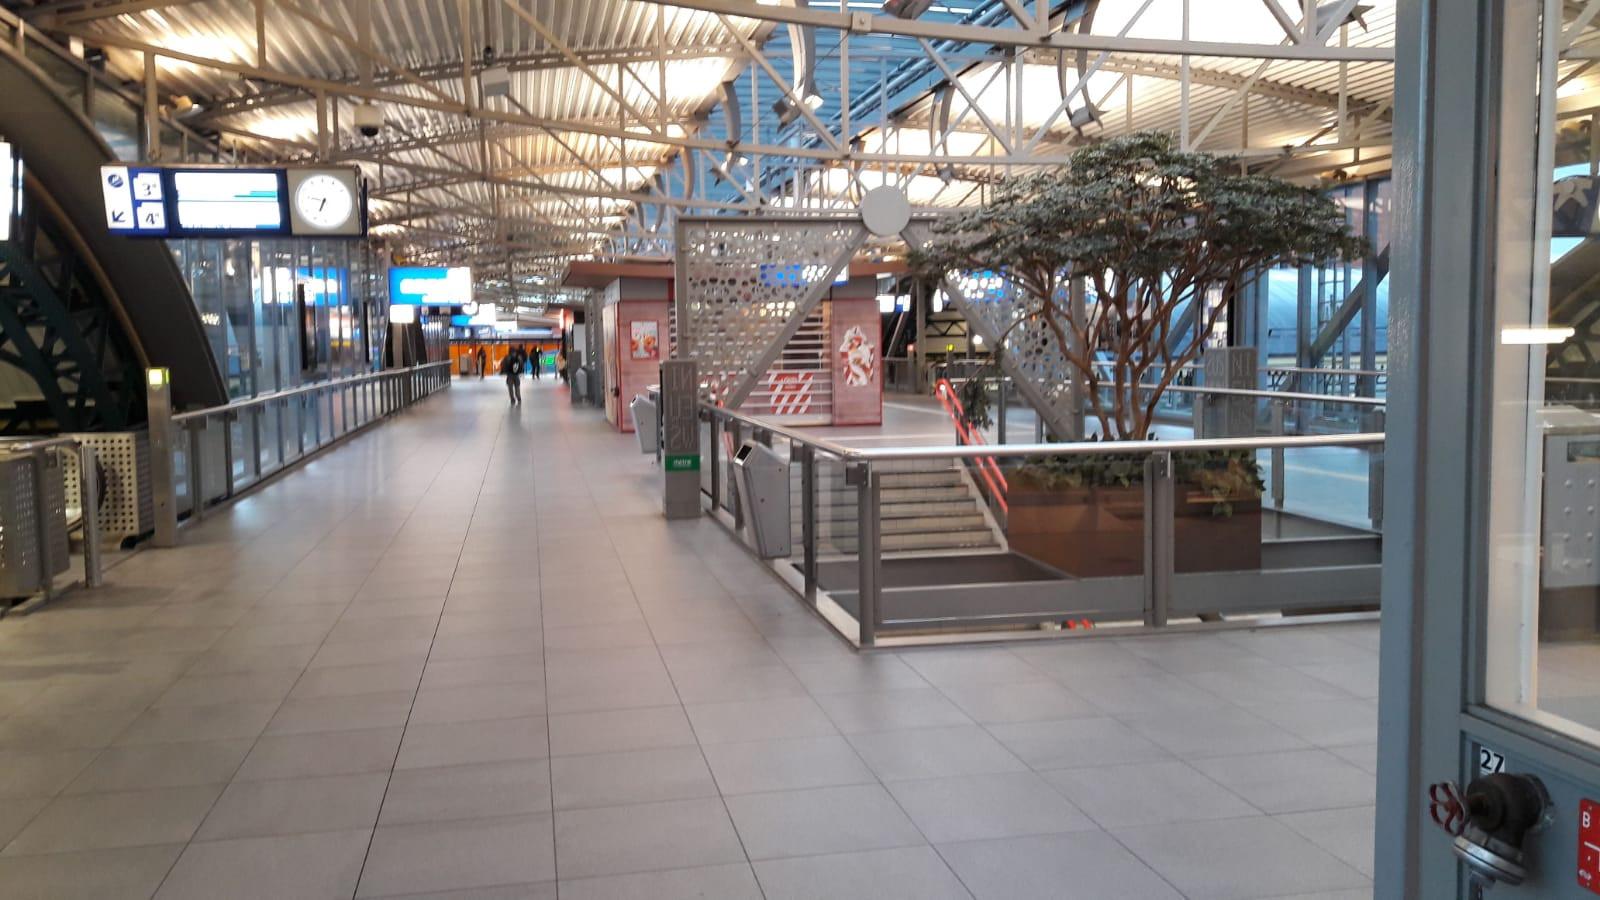 Station Den Bosch.